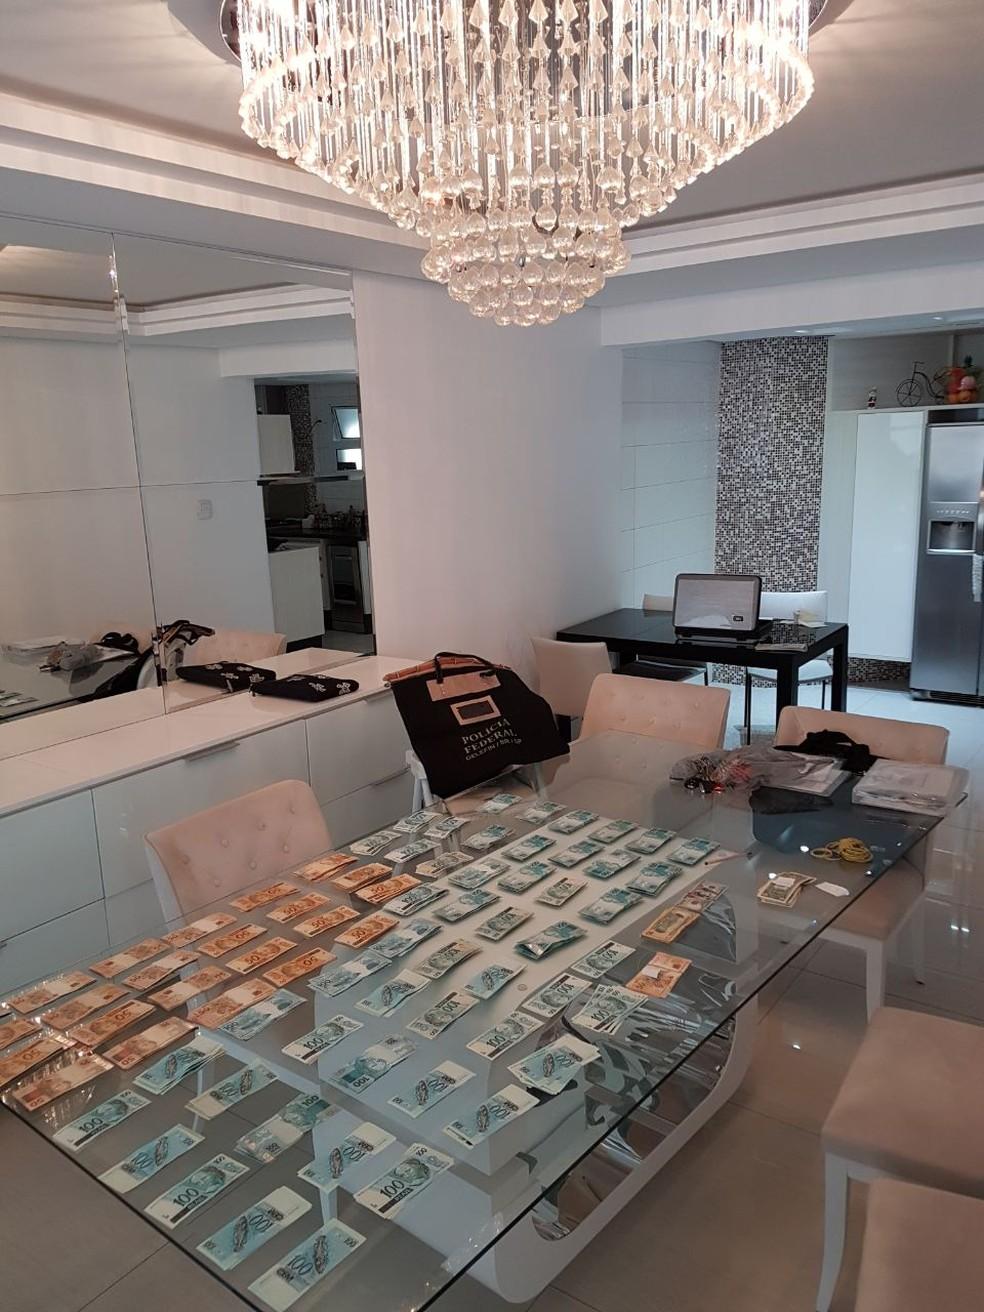 Dinheiro apreendido no apartamento de Duciomar Costa, em São Paulo (Foto: CGU)